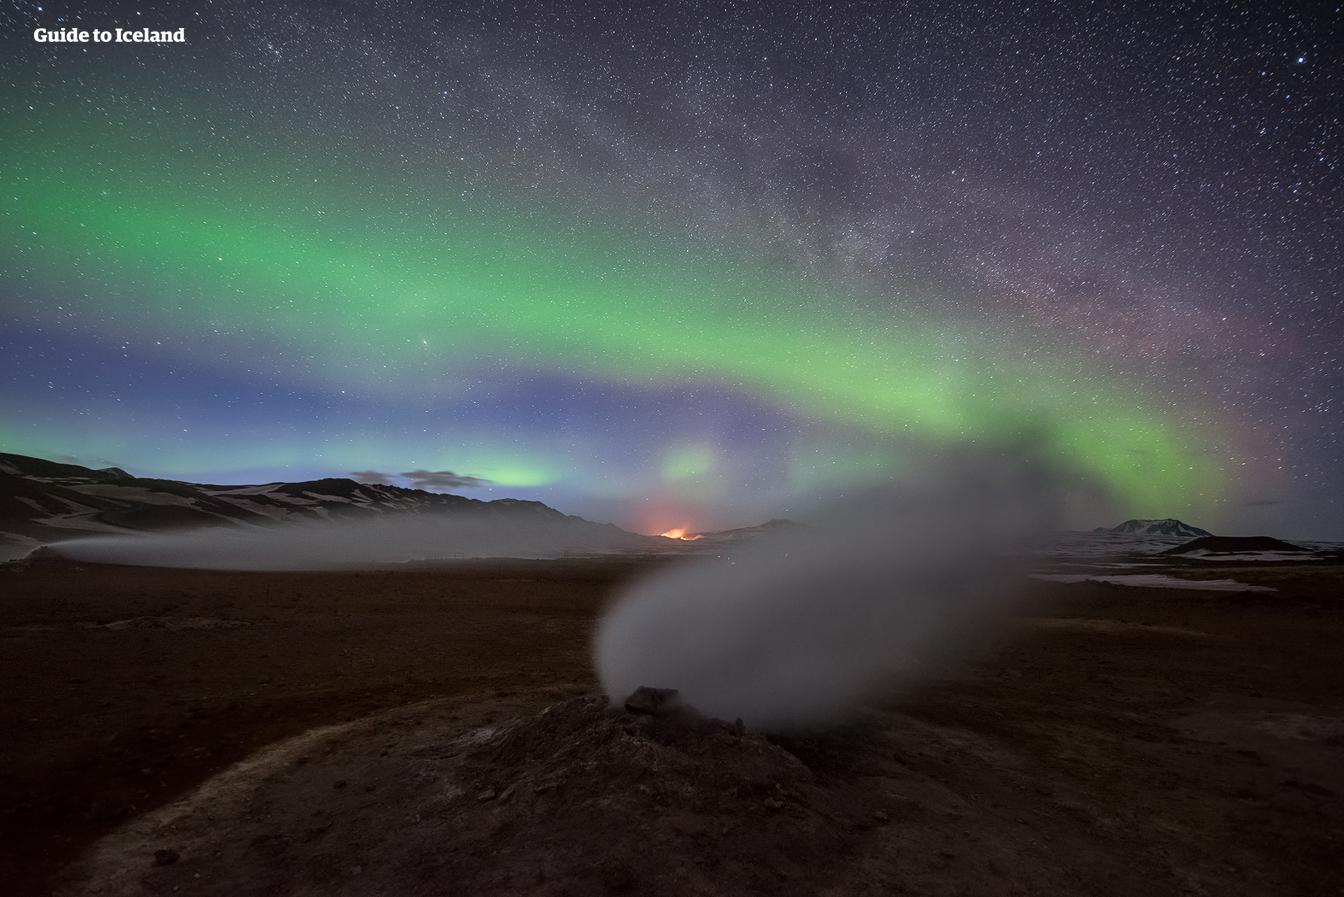 11-дневный автотур вокруг Исландии в поисках северного сияния   Кольцевая дорога и полуостров Снайфелльснес - day 4